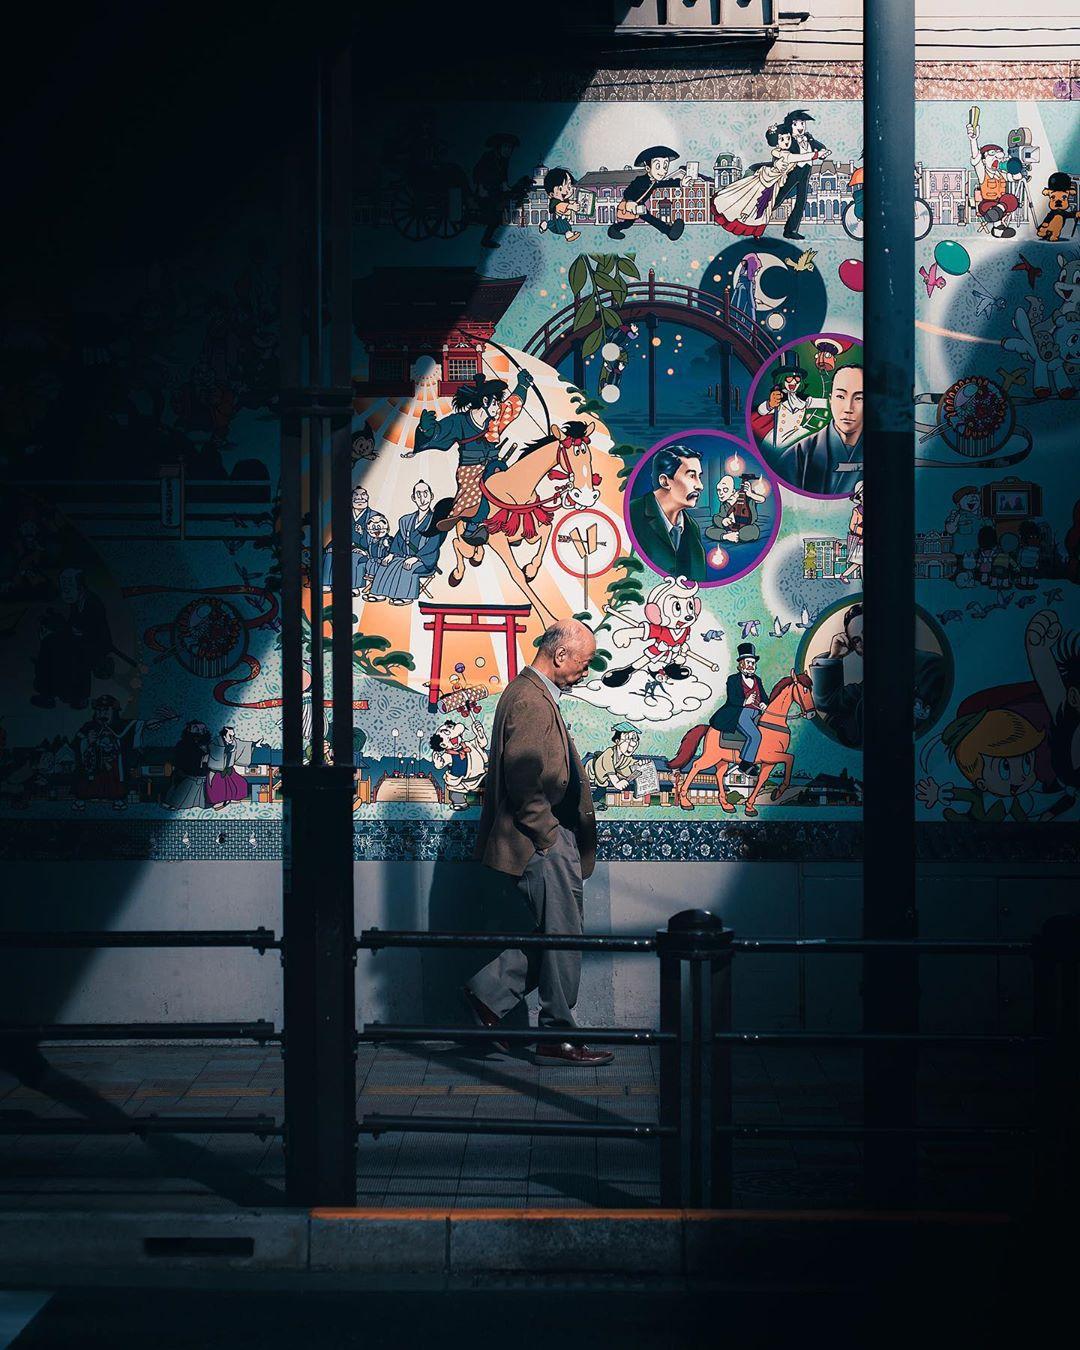 Архитектура и улицы Японии на снимках Джеймса Такуми Шегуна